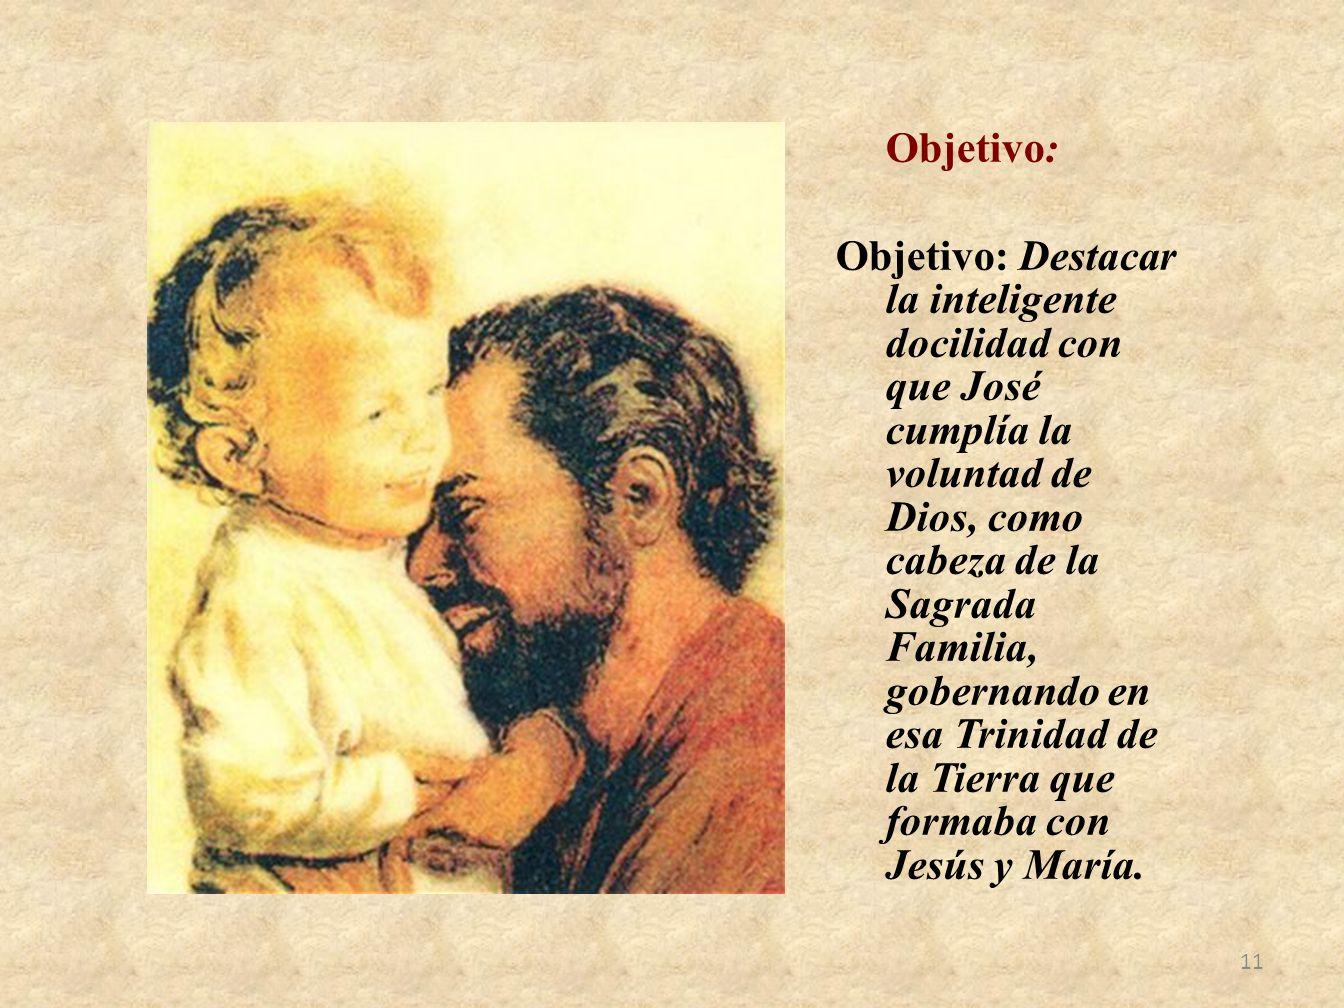 Objetivo: Objetivo: Destacar la inteligente docilidad con que José cumplía la voluntad de Dios, como cabeza de la Sagrada Familia, gobernando en esa Trinidad de la Tierra que formaba con Jesús y María.